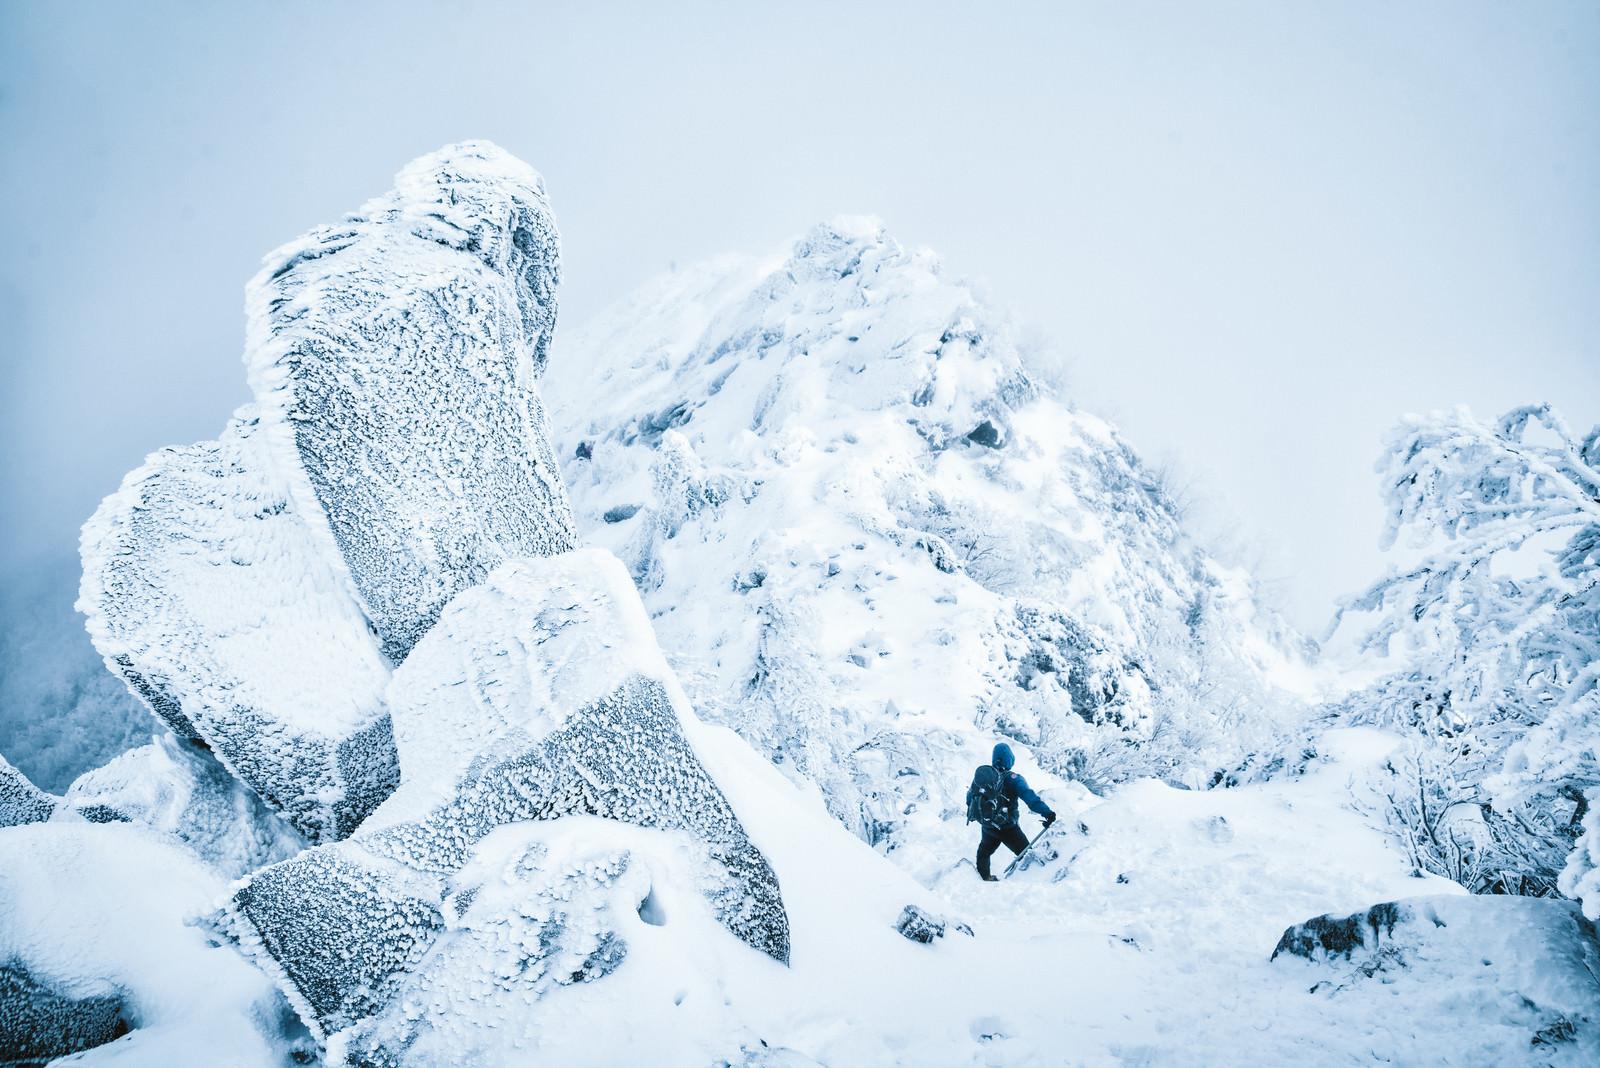 「吹雪く天狗岳の稜線と登山者」の写真